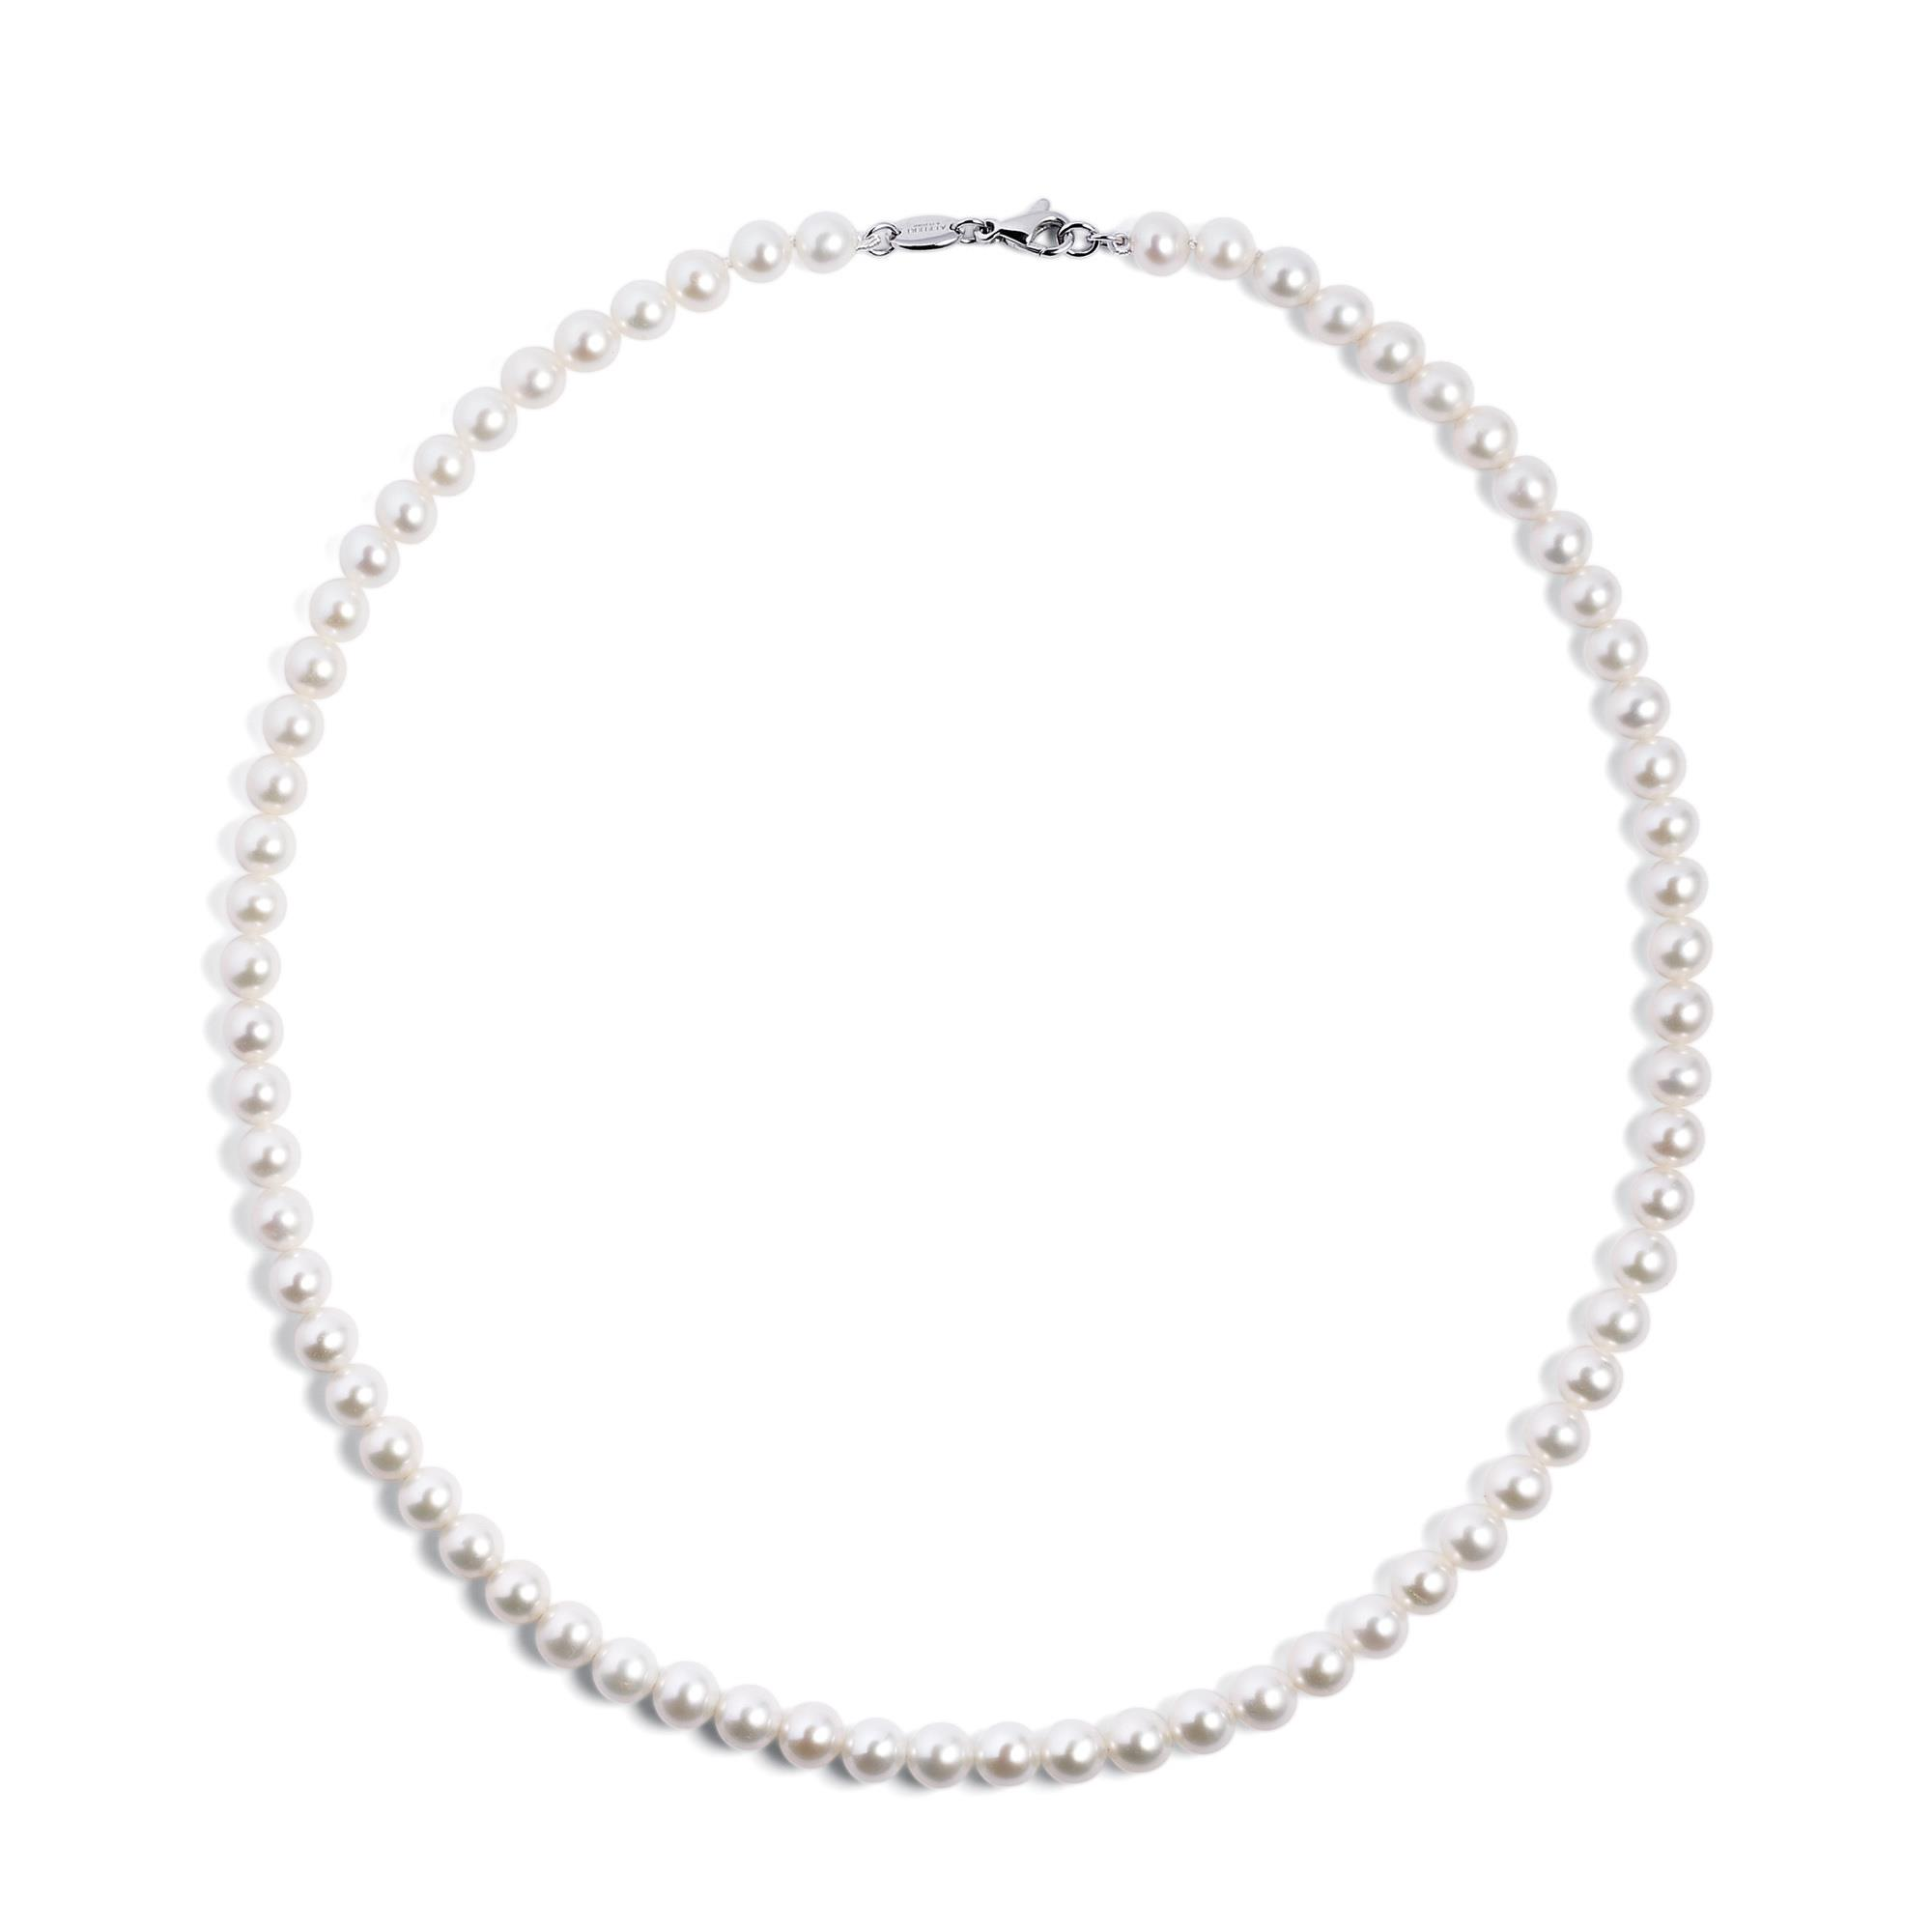 Collana di perle diametro 5,5mm - ALFIERI & ST. JOHN